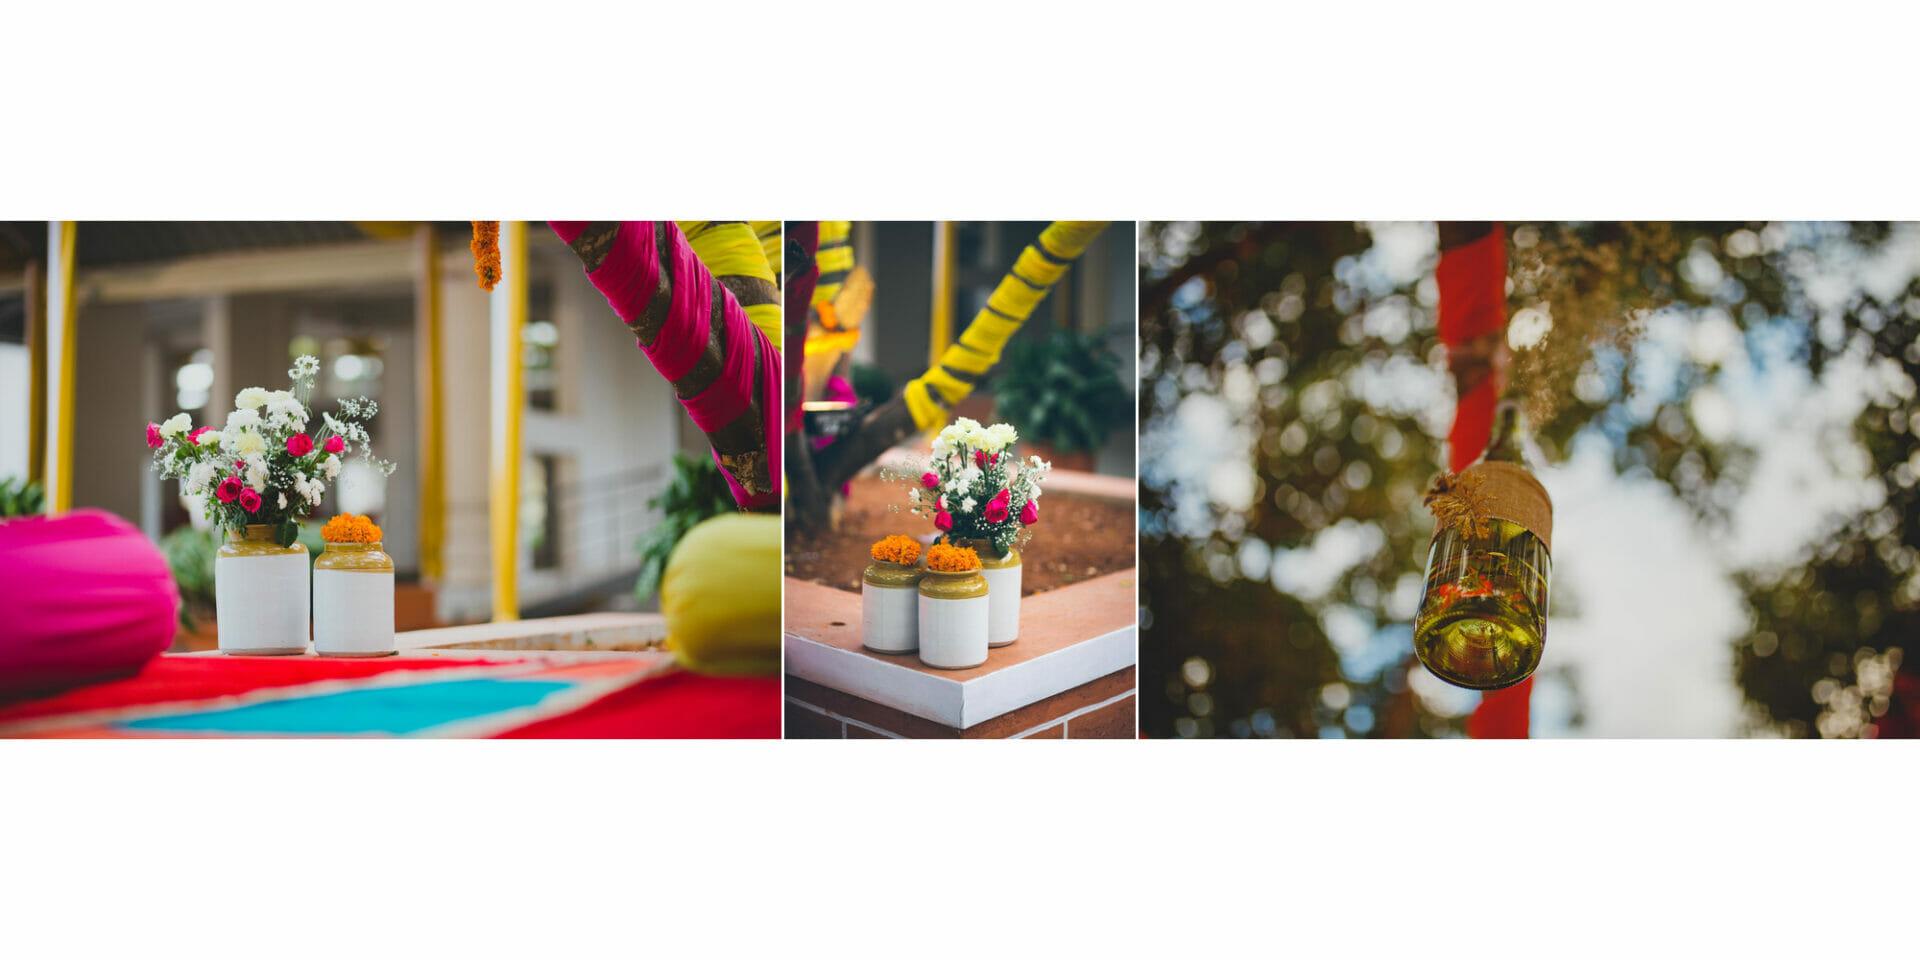 shruti annayya sree vikash photography mehandi sangeeth kalathur gardens 5